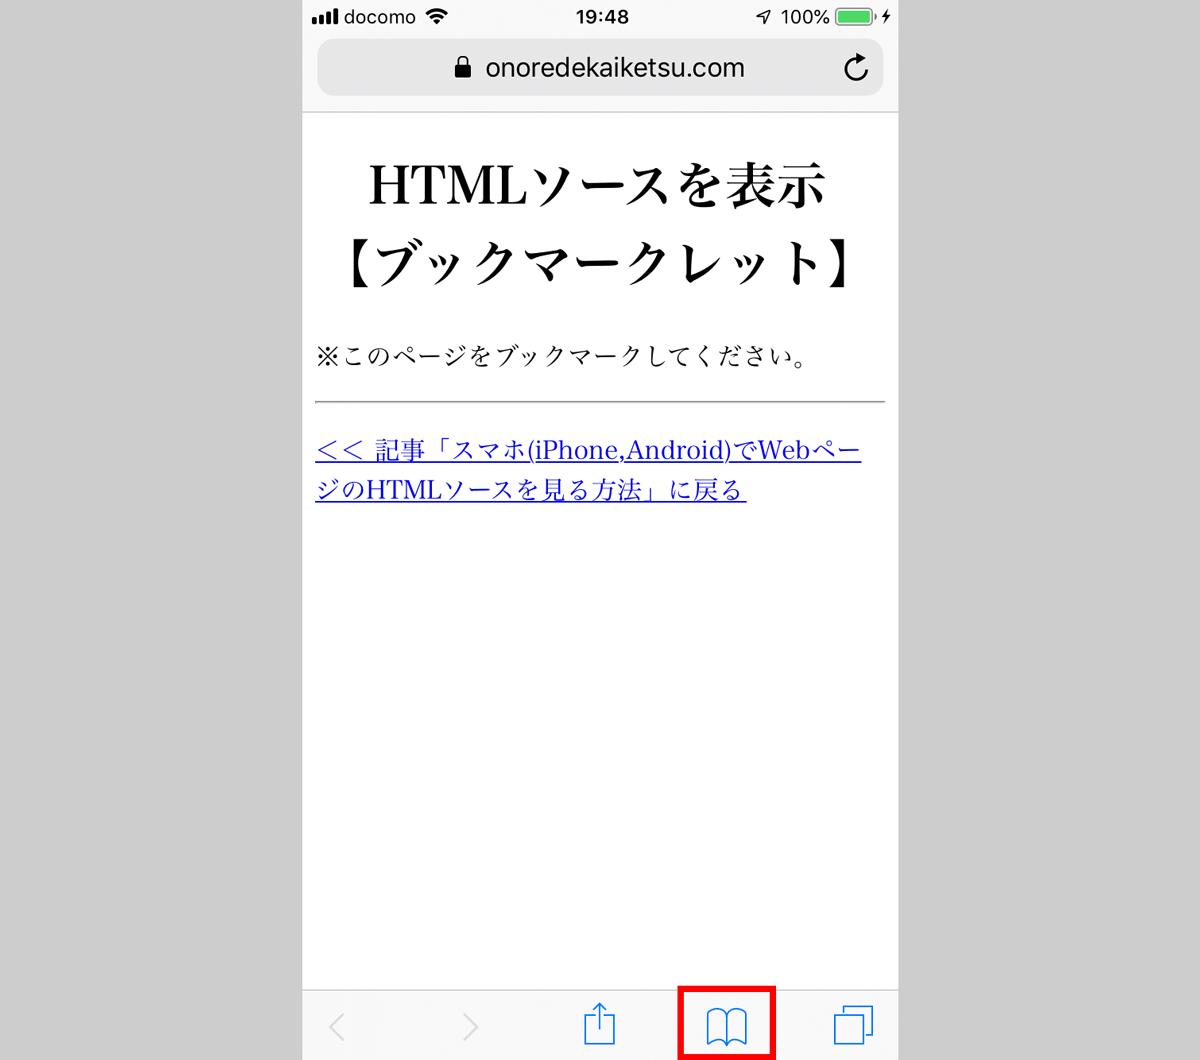 HTMLソースを閲覧したいページのお気に入りをタップ